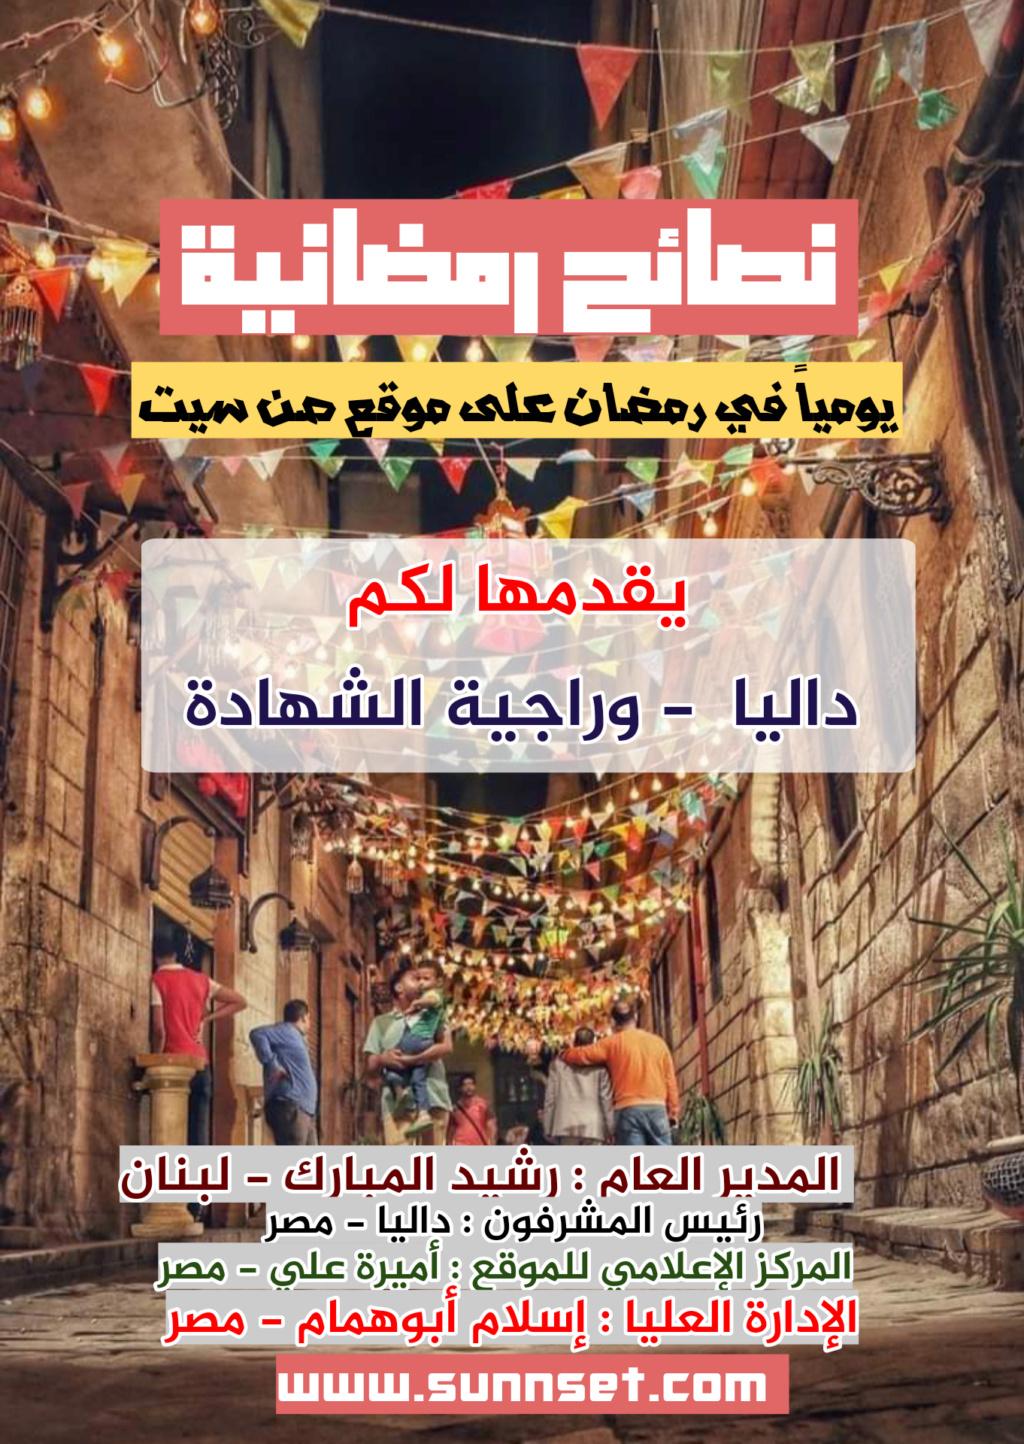 الوسم ايام_رمضان على المنتدى موقع صن سيت Ctd24210